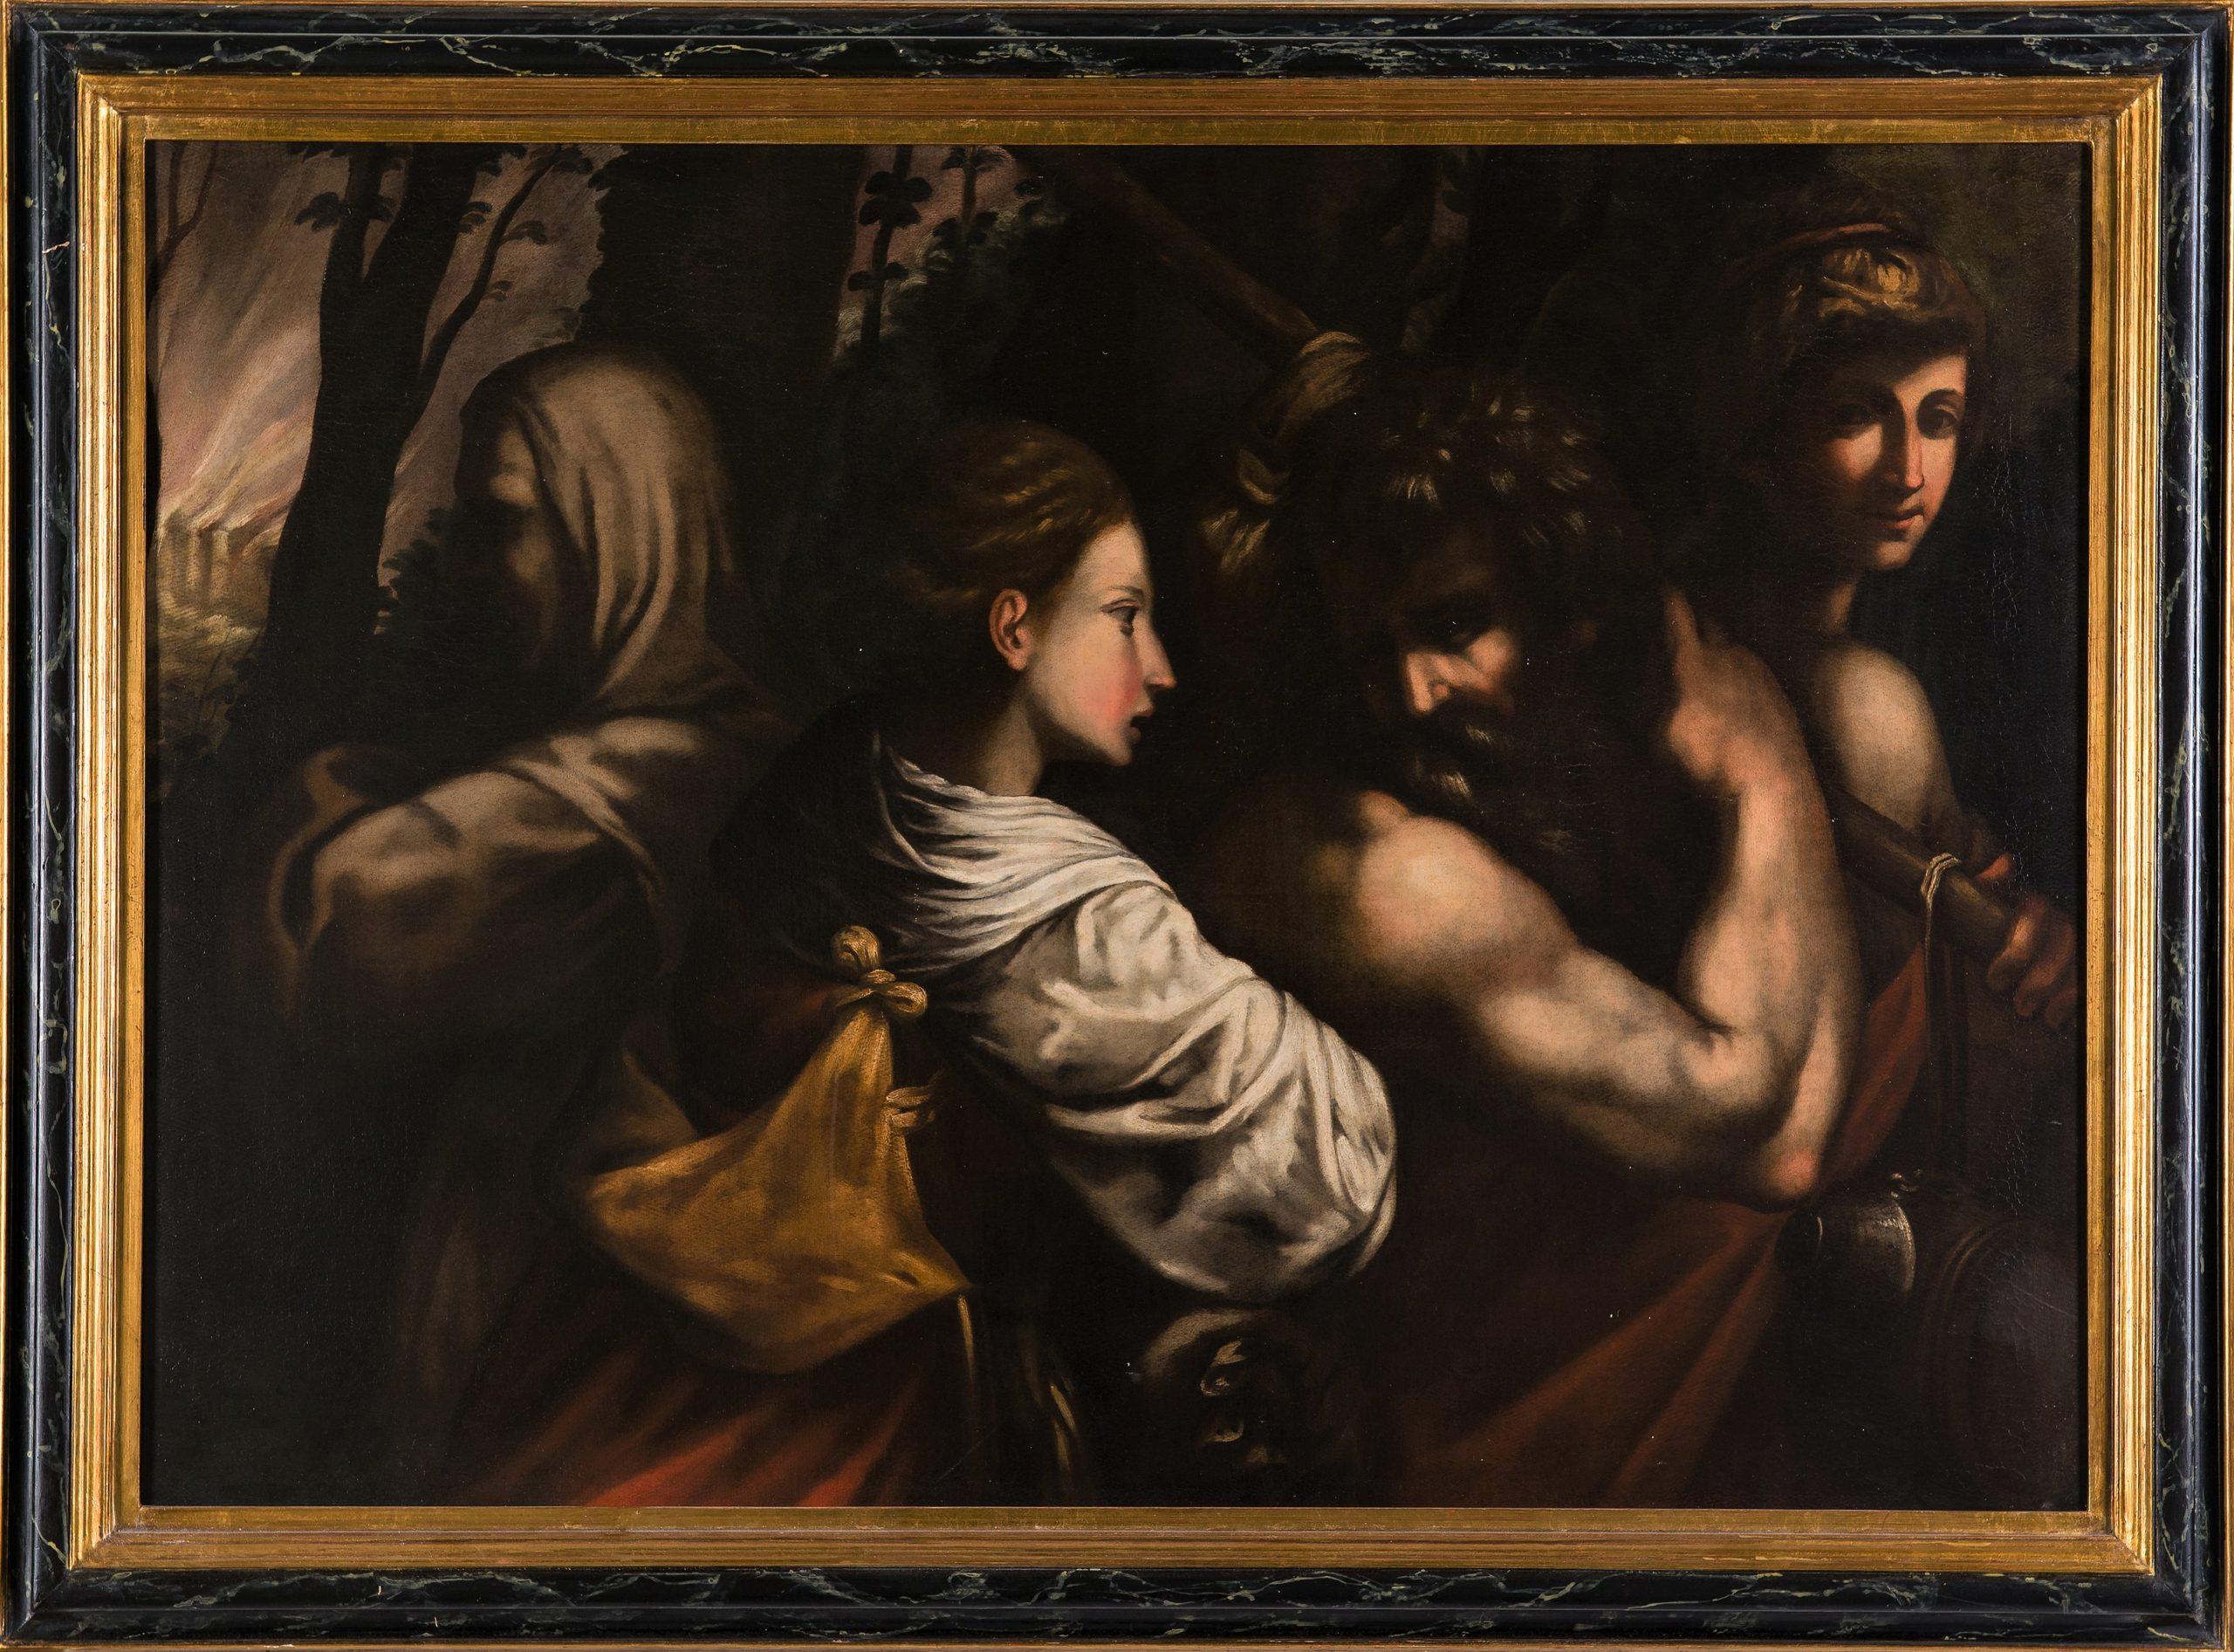 COD. 179 Lot e le figlie ( Sodoma e Gomorra) Antico dipinto del XVII secolo